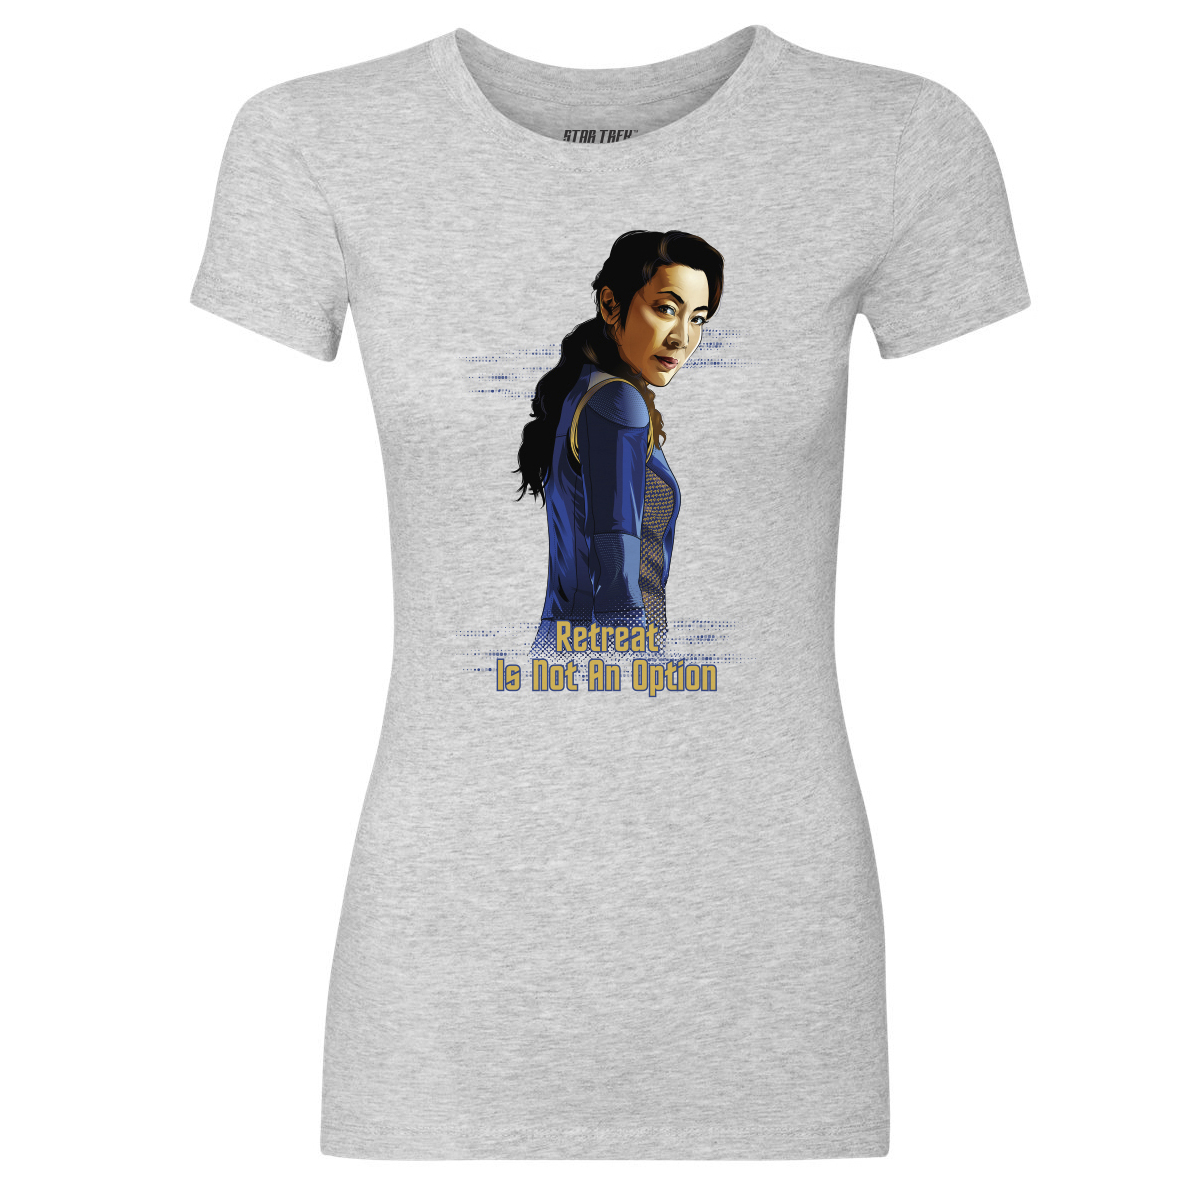 Star Trek Discovery Retreat Is Not An Option Women's T-Shirt